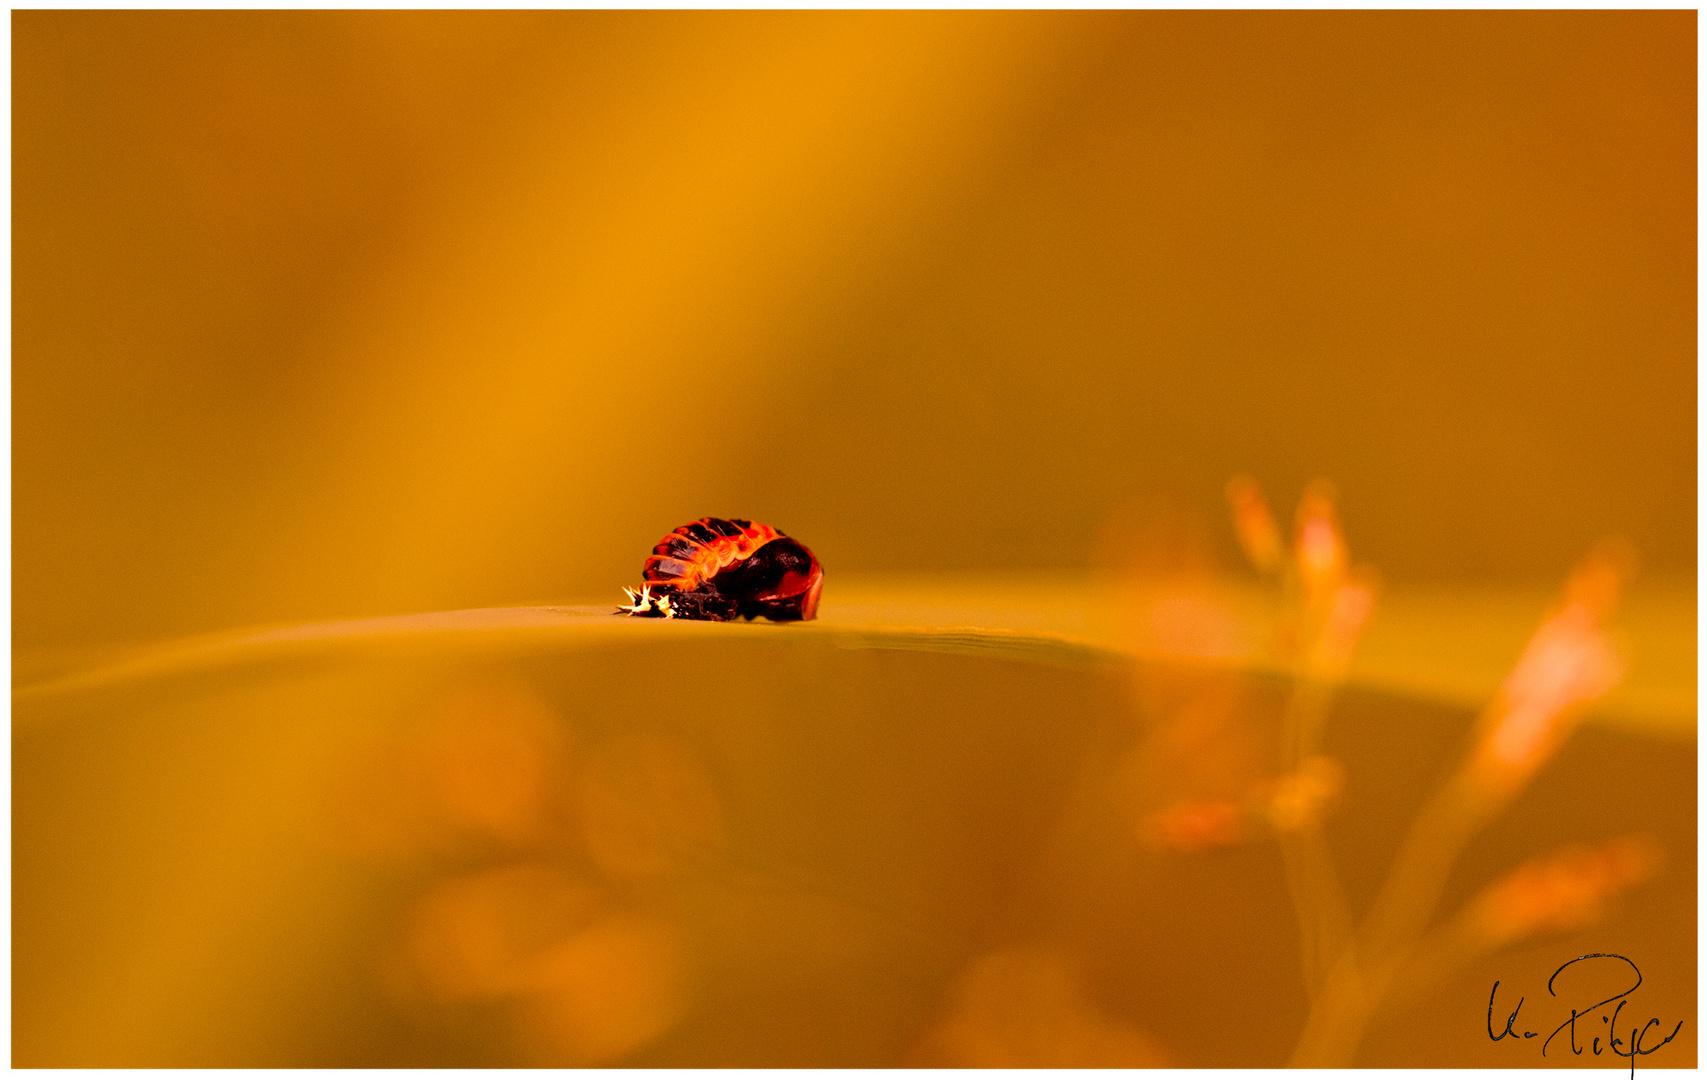 Käfer oder Wanze? *14 hierher?